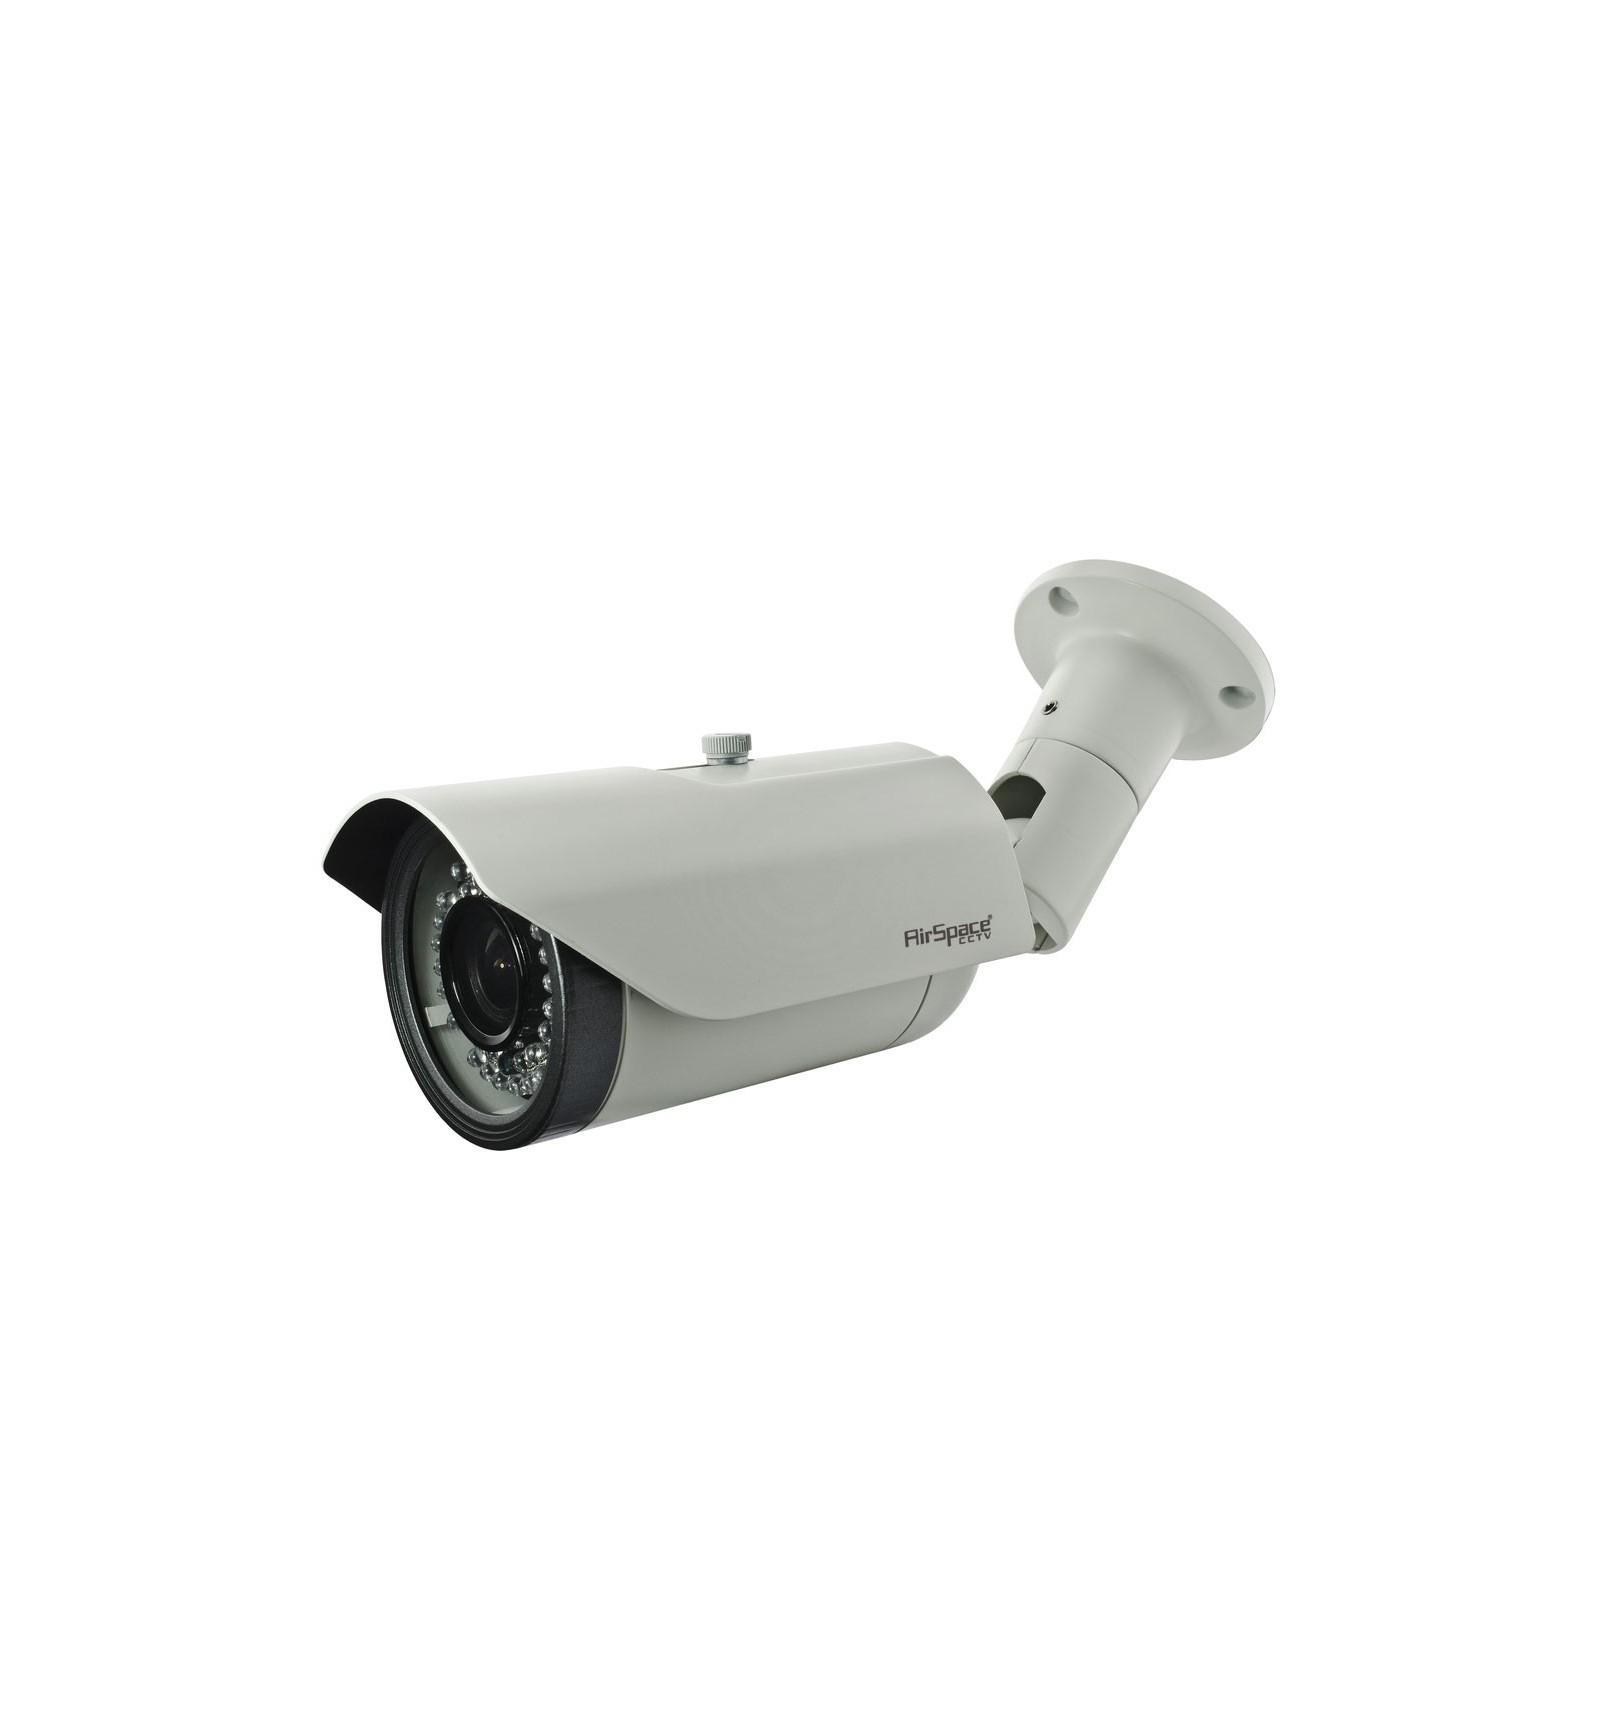 Camaras de vigilancia exterior con lente y zoom manual - Camaras vigilancia exterior ...